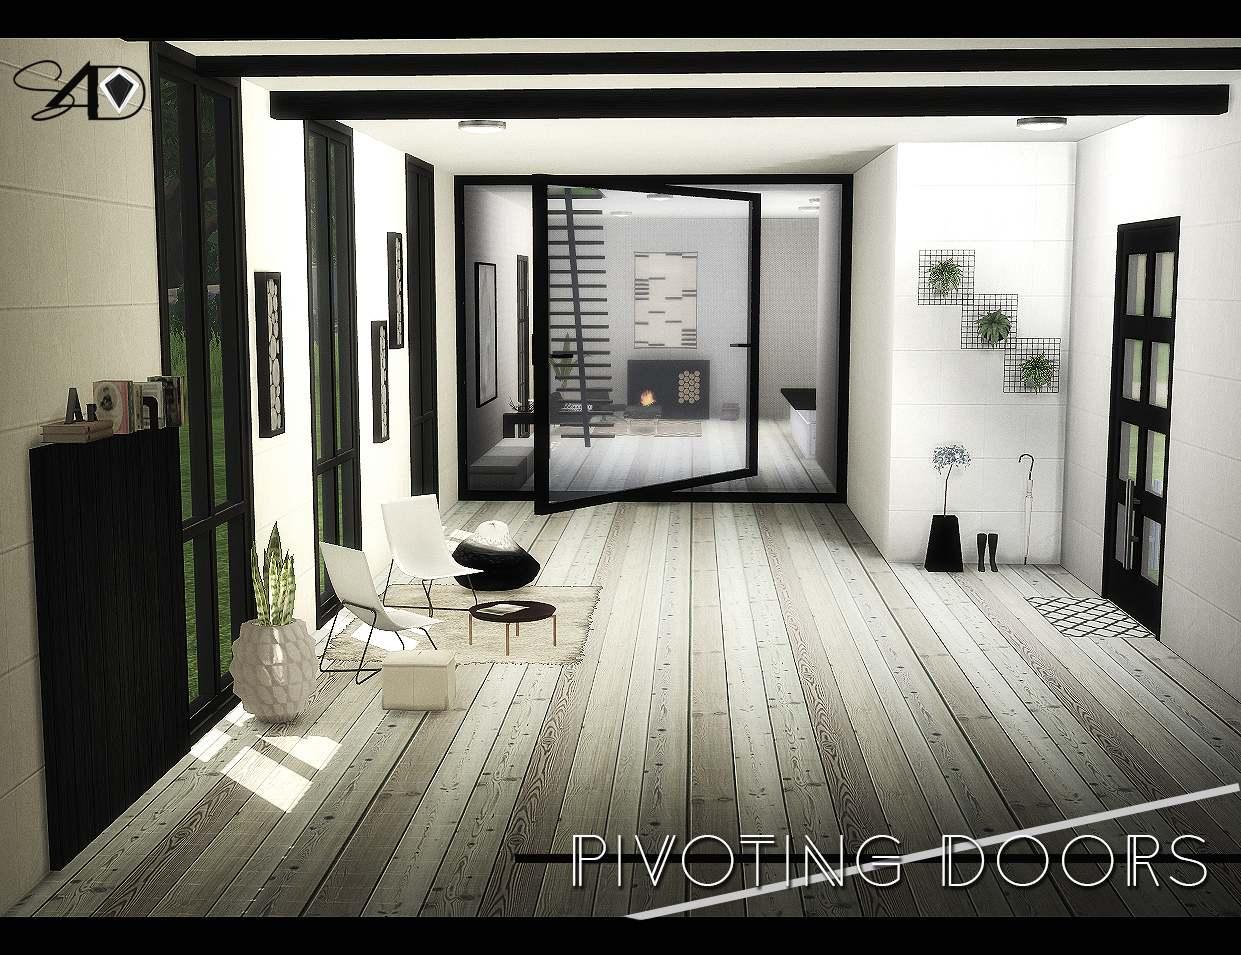 Дверь - Pivoting Doors